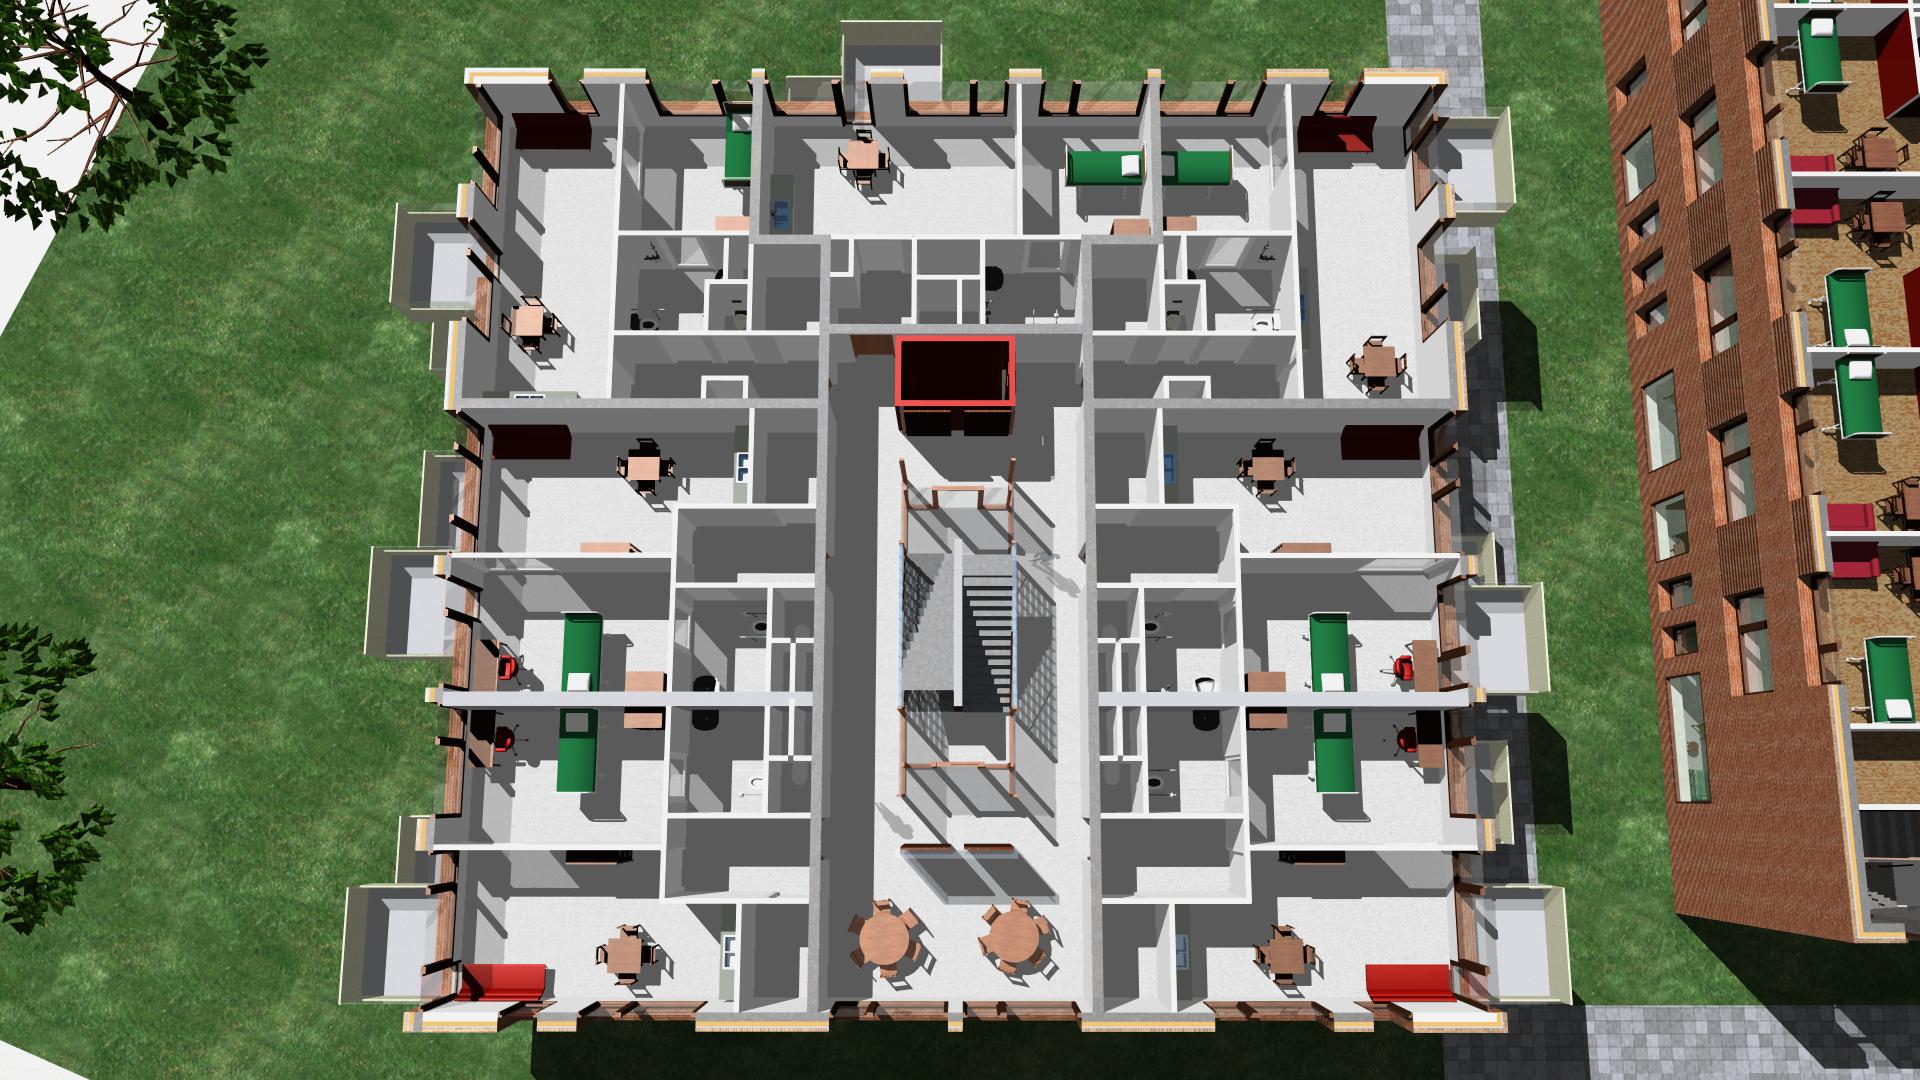 <p>Verdieping woongebouw Klaasje Zevenster GGH Architecten</p>